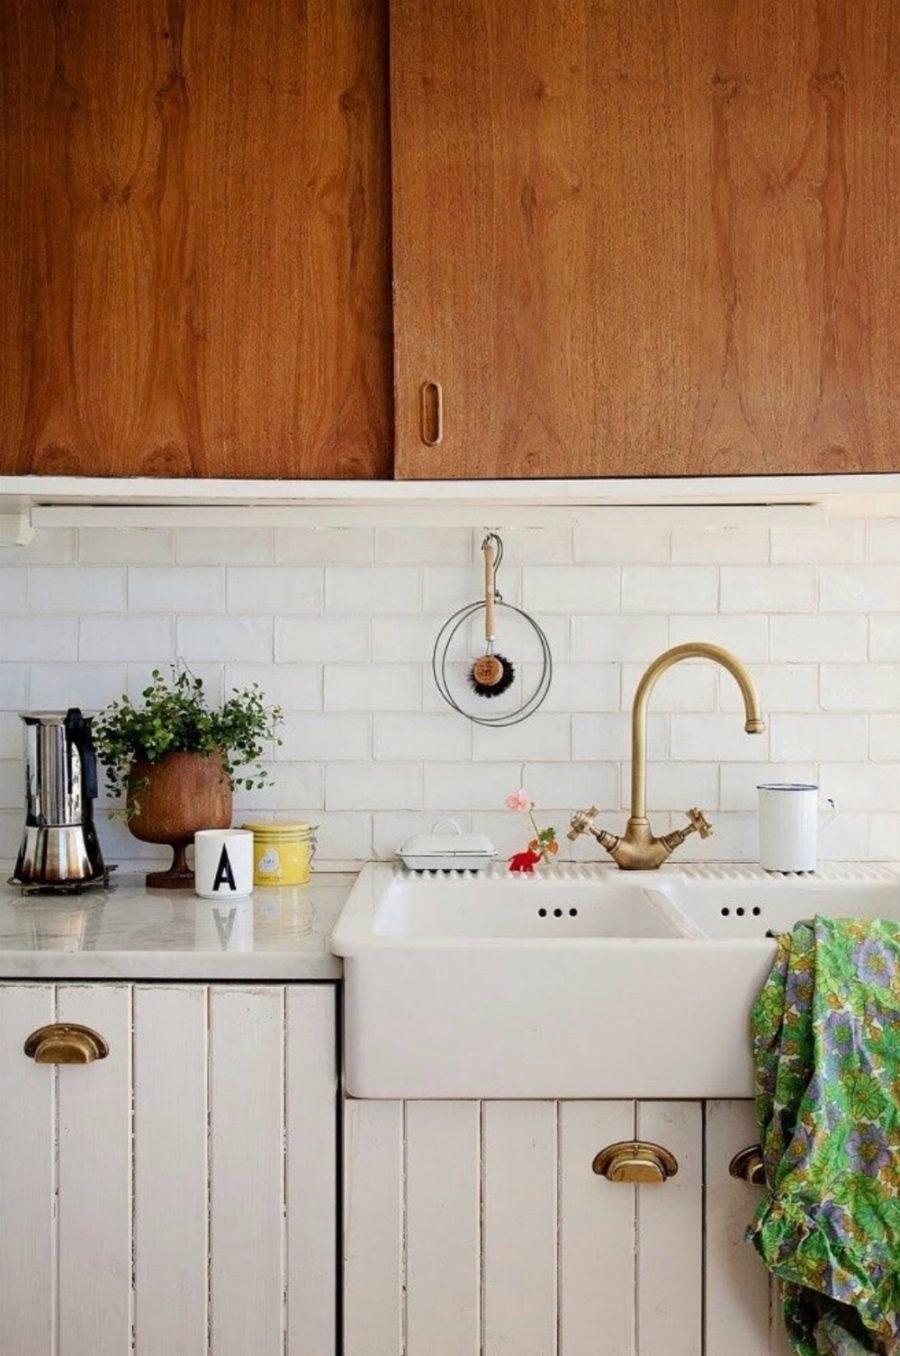 Оригинальный дизайн раковин для кухни - дерево в интерьере